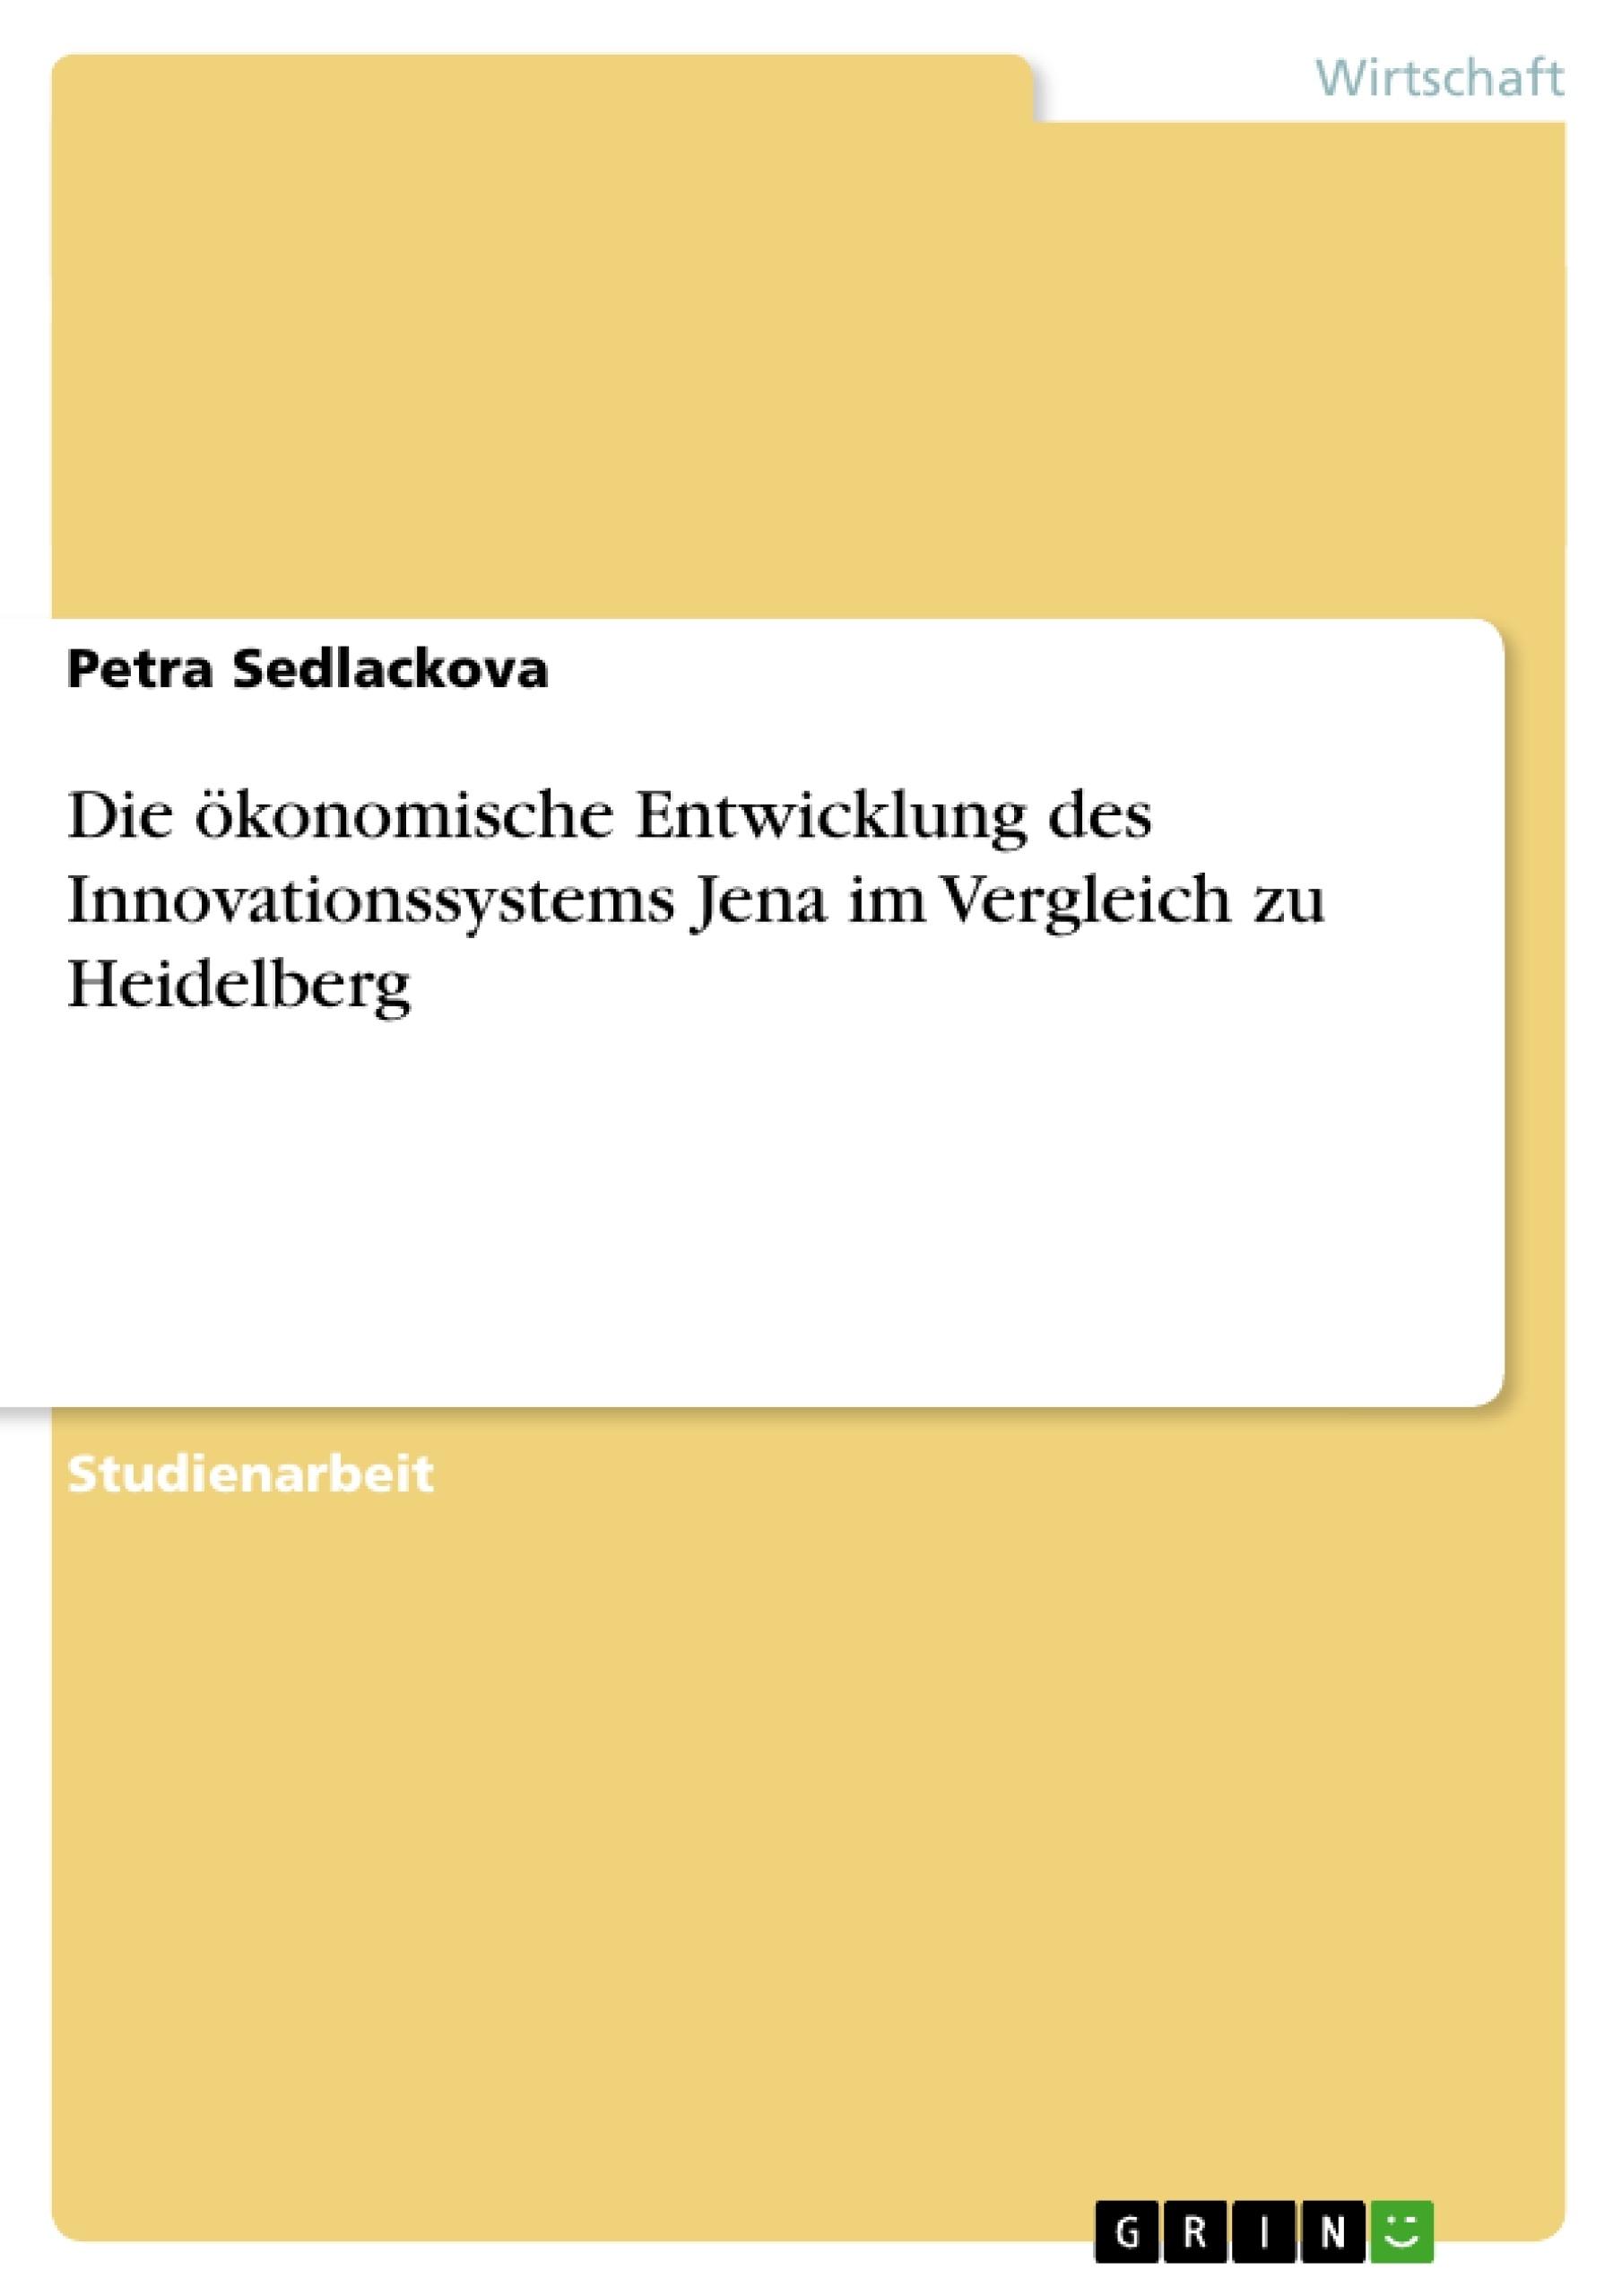 Titel: Die ökonomische Entwicklung des Innovationssystems Jena im Vergleich zu Heidelberg